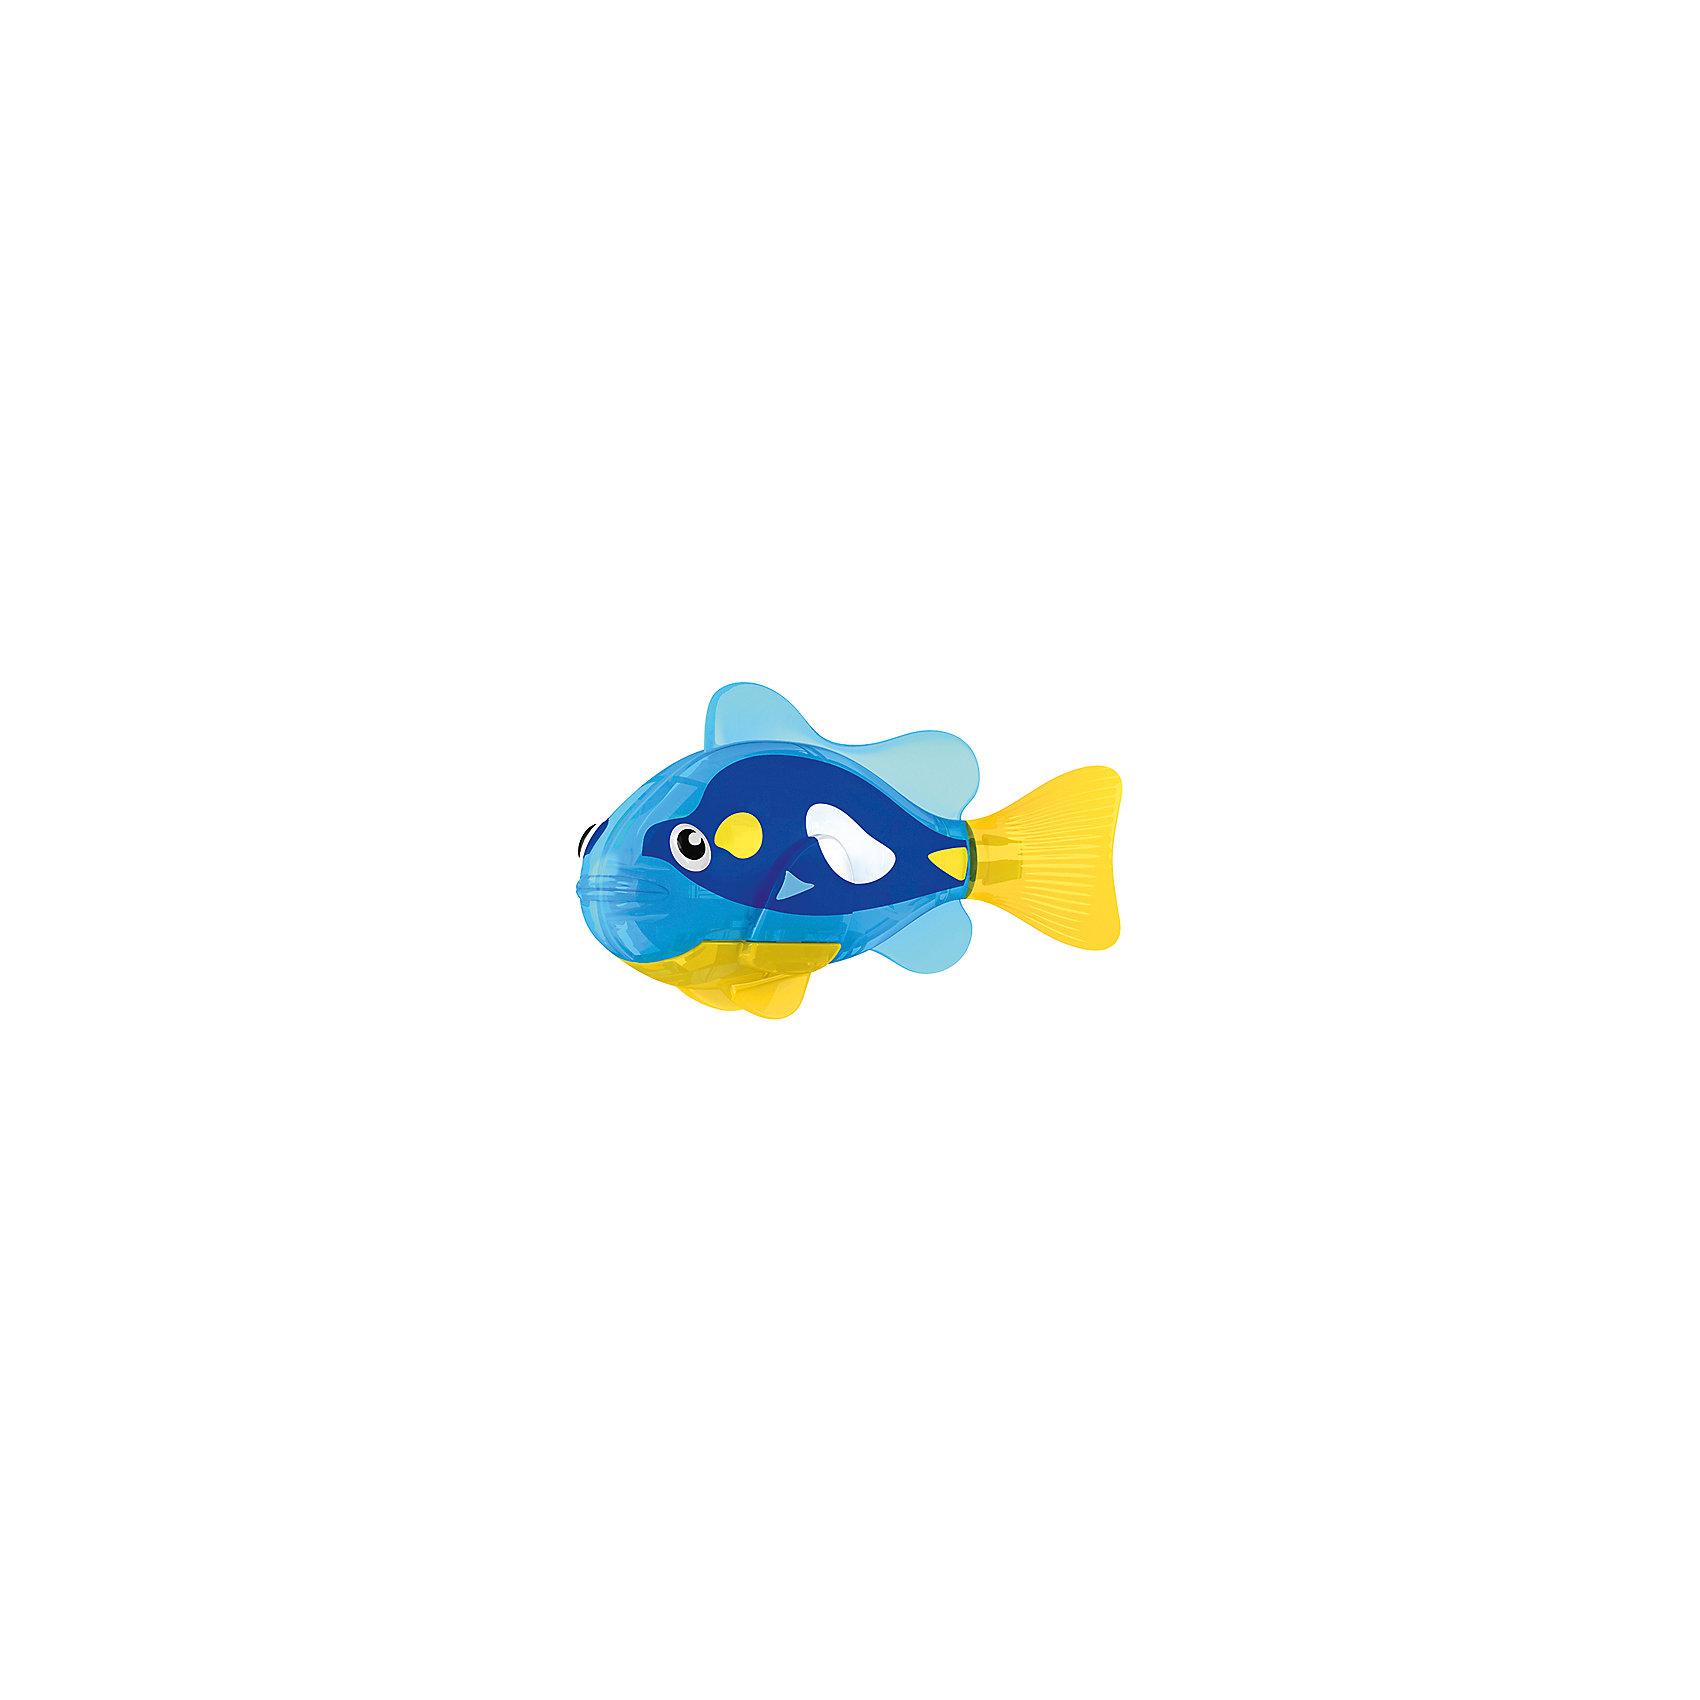 РобоРыбка  Ангел, RoboFishТропическая РобоРыбка Ангел, ZURU (Зуру) – это высокотехнологичная инновационная игрушка, имитирующая движения и повадки рыбы в воде.<br>Тропическая РобоРыбка (Robofish) Ангел выглядит очень красиво и напоминает свою родственницу из теплых морей. Для РобоРыбки нужна только ёмкость с водой, и никакого ухода! Автоматический датчик, активирует рыбку в воде. Мягкий силиконовый хвост и электромагнитный мотор позволит ей двигаться в 5 различных направлениях: влево, вправо, вперед, вверх или вниз. Ультразвуковая герметизация на 100% защитит внутренности от проникновения воды. РобоРыбка повторяет повадки настоящих рыб: опускается на дно и всплывает на поверхность, сбивается в стаи с другими роборыбками, трется о стенки аквариума, меняет скорость движения, оплывает преграды. Внутри рыбки в крышке под батарейками находится специальный грузик, регулирующий глубину ее погружения. Для того, чтобы рыбка перестала двигаться нужно достать её из воды и насухо вытереть. Хранить РобоРыбку можно на специальной подставке, которая есть в комплекте. Игрушка выполнена из материалов абсолютно безопасных для здоровья.<br><br>Дополнительная информация:<br><br>- Возраст: для детей от 3 лет<br>- В комплекте: 1 рыбка, подставка, 4 батарейки (две установлены в игрушку и 2 запасные)<br>- Батарейки: тип RL44(A76)<br>- Размер рыбки: 7,5 x 2,0 x 3,5 см.<br>- Материал: пластик с элементами металла и резины<br>- Вес в упаковке: 72 г.<br>- Размер упаковки: 20 x 6,5 x 5 см.<br><br>Тропическая РобоРыбка (Робофиш) Ангел, ZURU (Зуру) - заведите себе аквариум, обитатели которого порадуют и развлекут Вас своими забавными повадками и при этом совсем не потребуют никакого ухода!<br><br>Тропическую РобоРыбку Ангел, ZURU (Зуру) можно купить в нашем интернет-магазине.<br><br>Ширина мм: 435<br>Глубина мм: 240<br>Высота мм: 405<br>Вес г: 216<br>Возраст от месяцев: 48<br>Возраст до месяцев: 96<br>Пол: Мужской<br>Возраст: Детский<br>SKU: 3609992